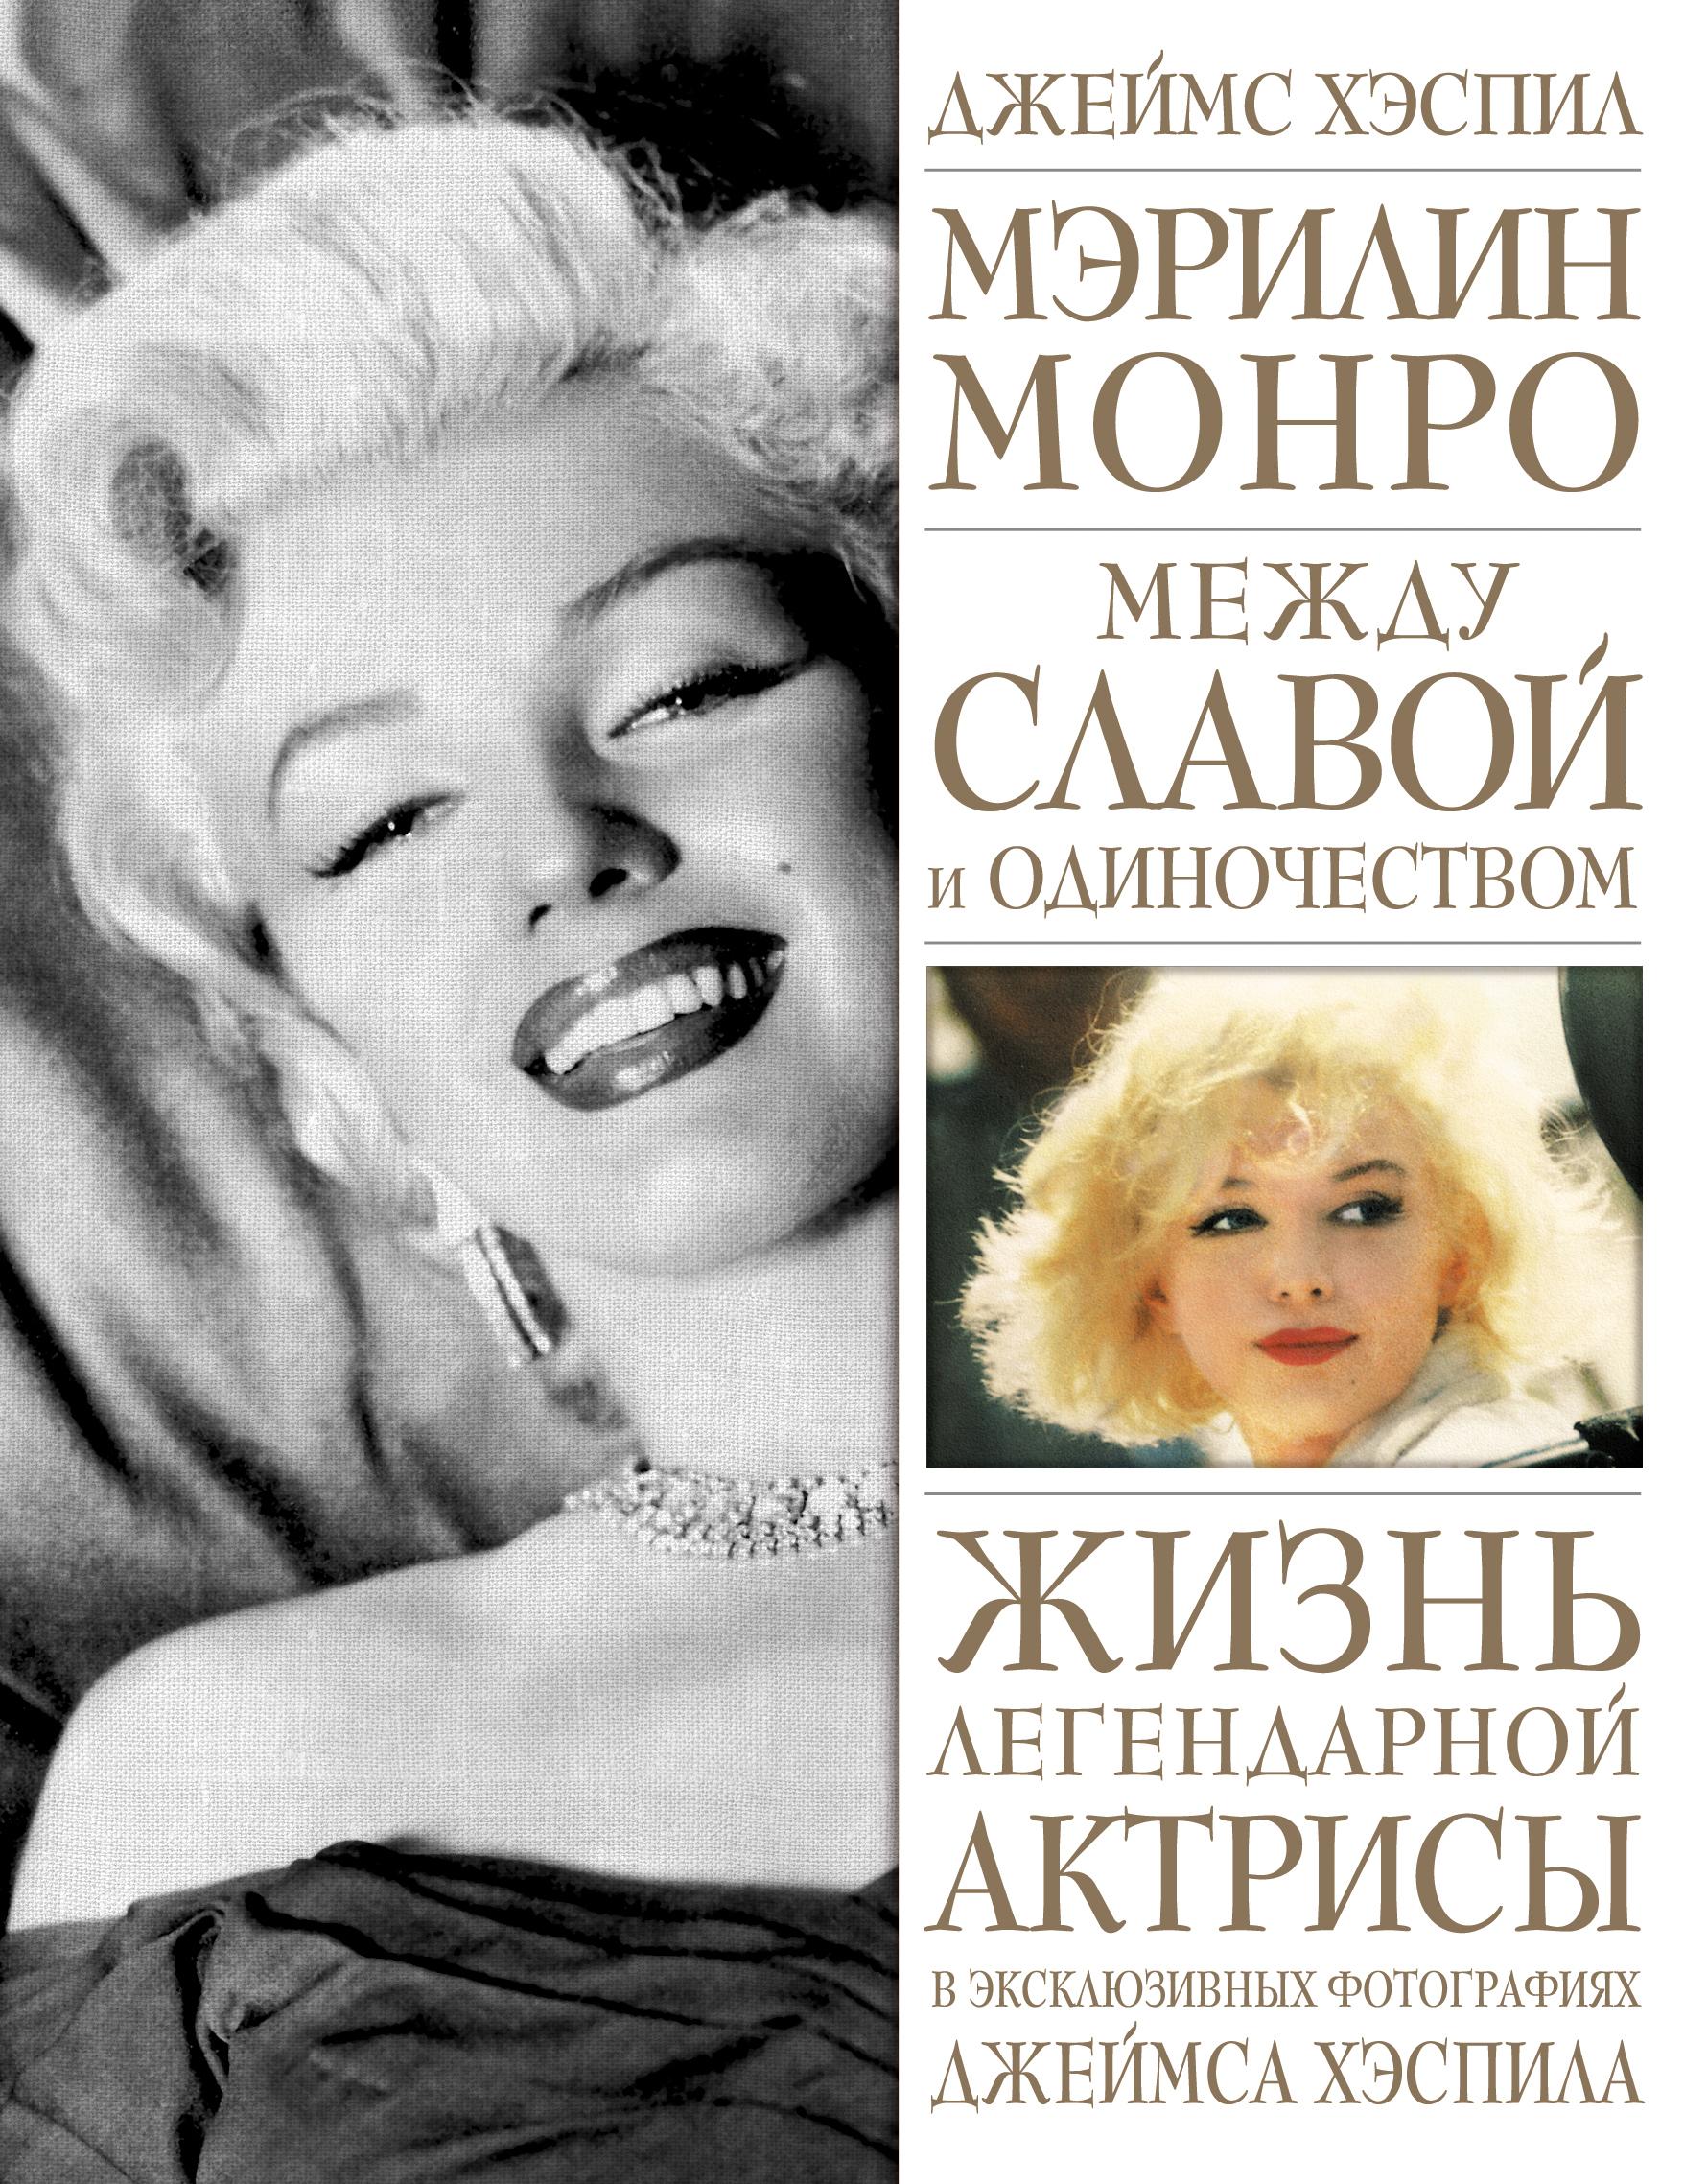 Хэспил Д. Мэрилин Монро. Между славой и одиночеством екатерина мишаненкова я – мэрилин монро история моей жизни